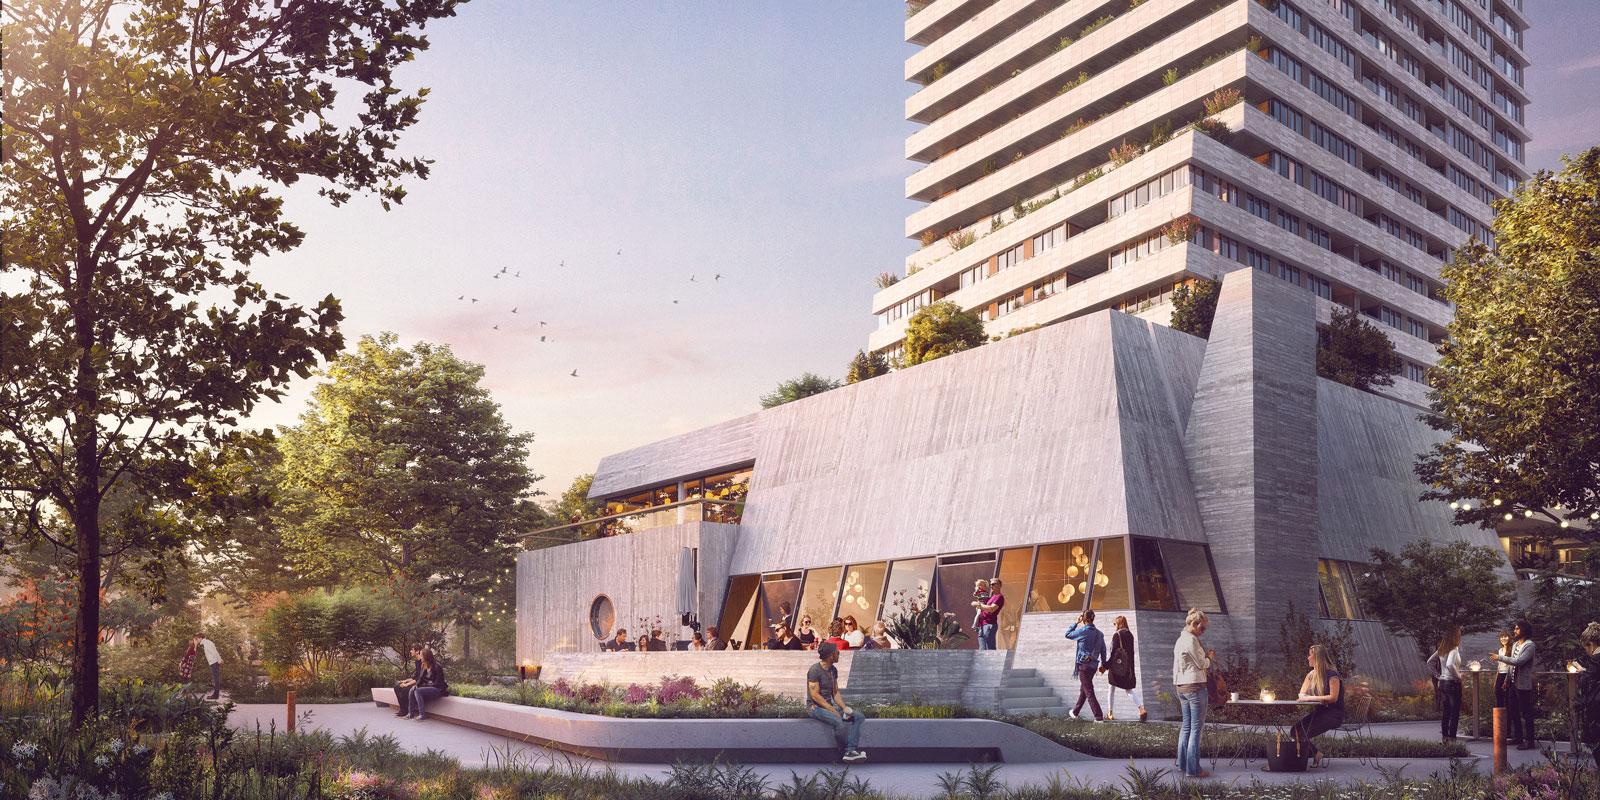 Bunkertoren in Eindhoven, ERA vb&t, Wonen in Eindhoven